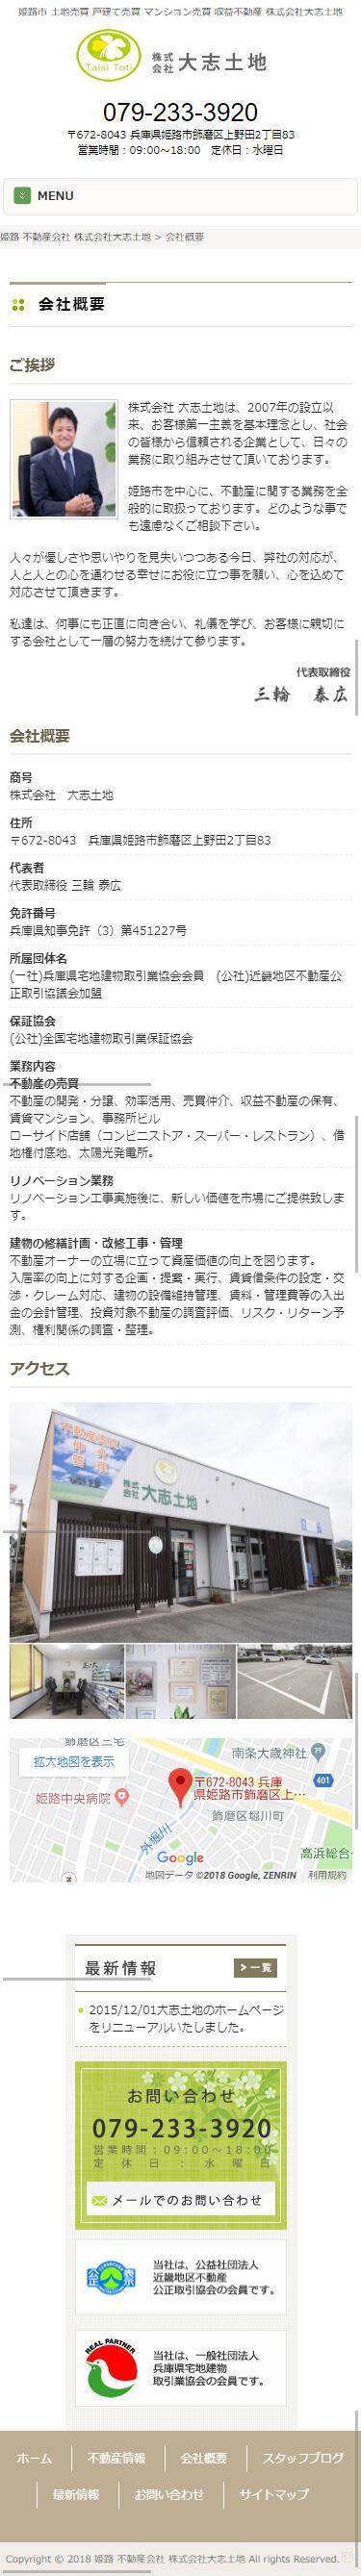 姫路市 株式会社大志土地様 ホームページ制作4